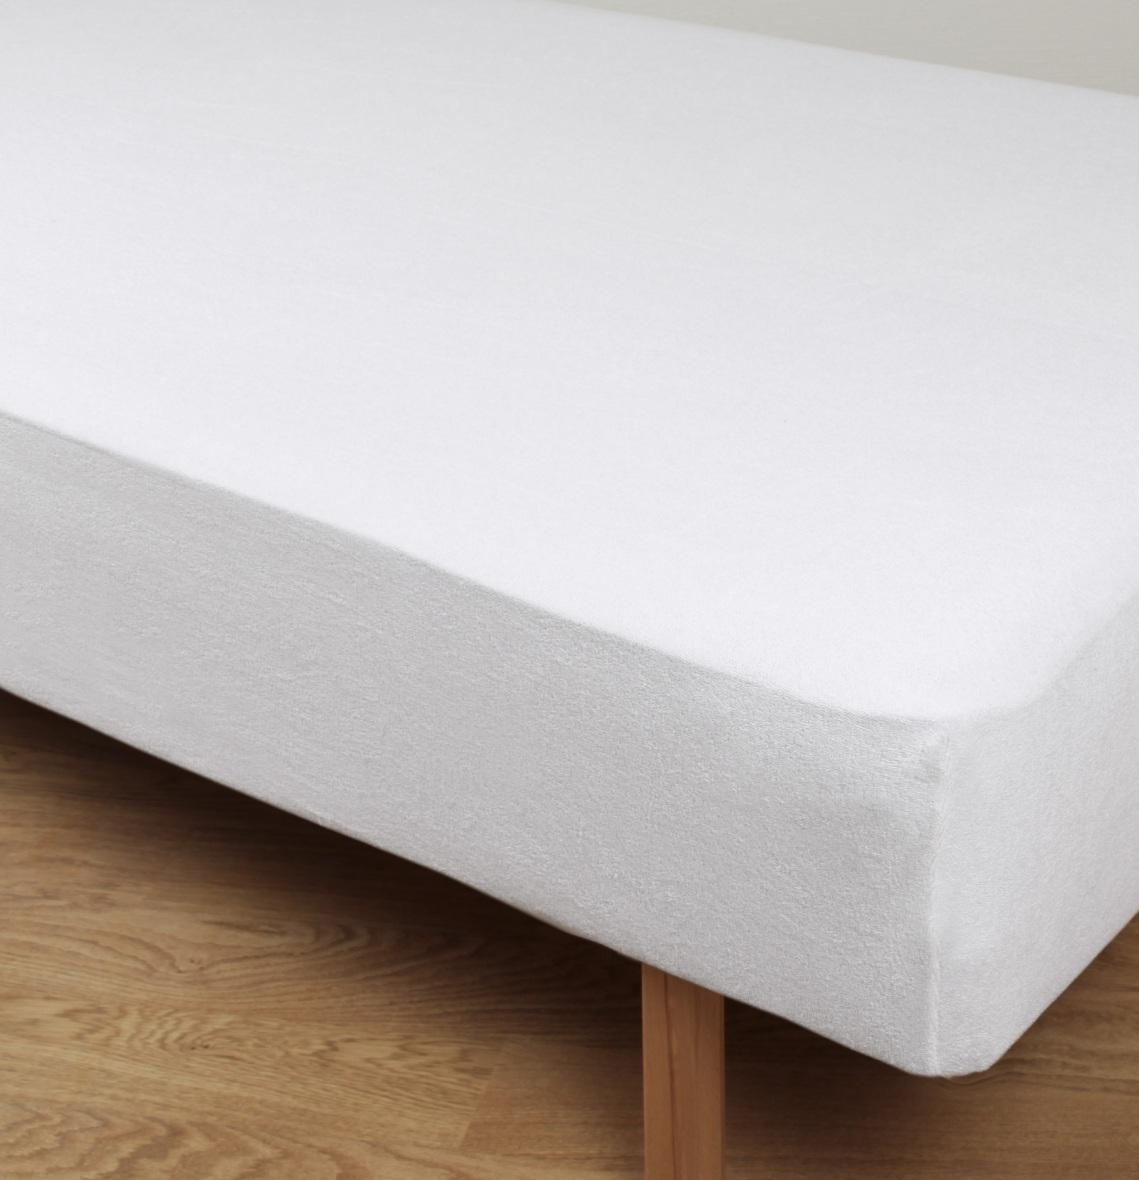 Sängklädsel 180 x 210 cm frotté Värnamo of Sweden